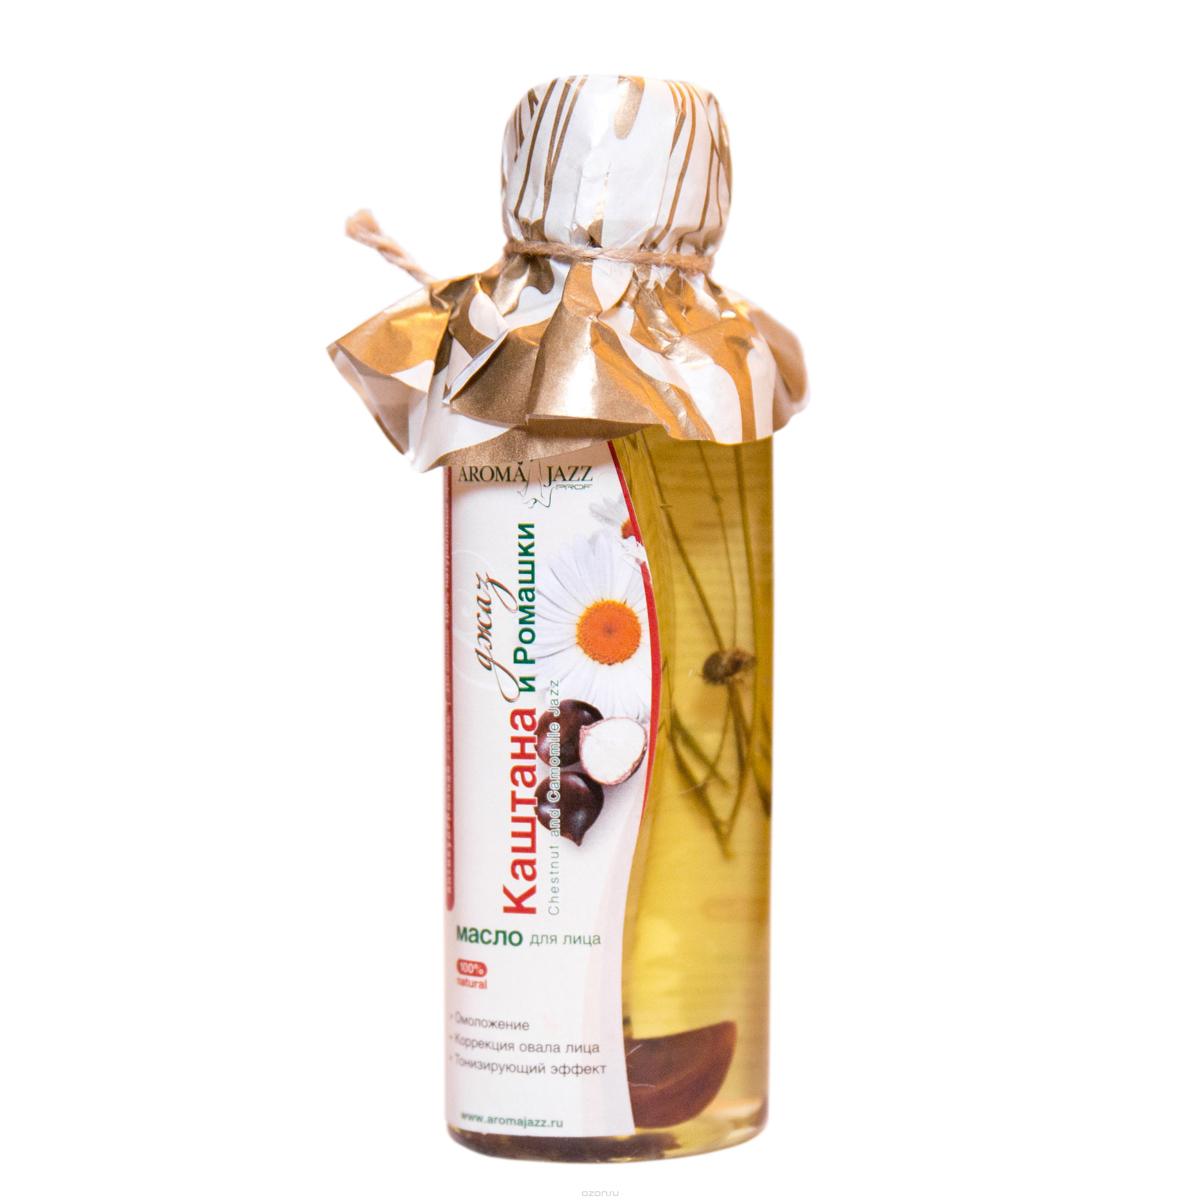 Aroma Jazz Масло жидкое для лица Лечебный джаз каштана и ромашки, 200 мл2302Действие: предотвращает развитие воспалений, укрепляет стенки кровеносных сосудов, поддерживает водный баланс кожи, устраняет ощущение стянутости. Восстанавливает липидный барьер, повышает упругость и эластичность кожи, смягчает раздражение, оказывает противовоспалительное и тонизирующее действие. Противопоказания: аллергическая реакция на составляющие компоненты. Срок хранения: 24 месяца. После вскрытия упаковки рекомендуется использование помпы, использовать в течение 6 месяцев. Не рекомендуется снимать помпу до завершения использования.